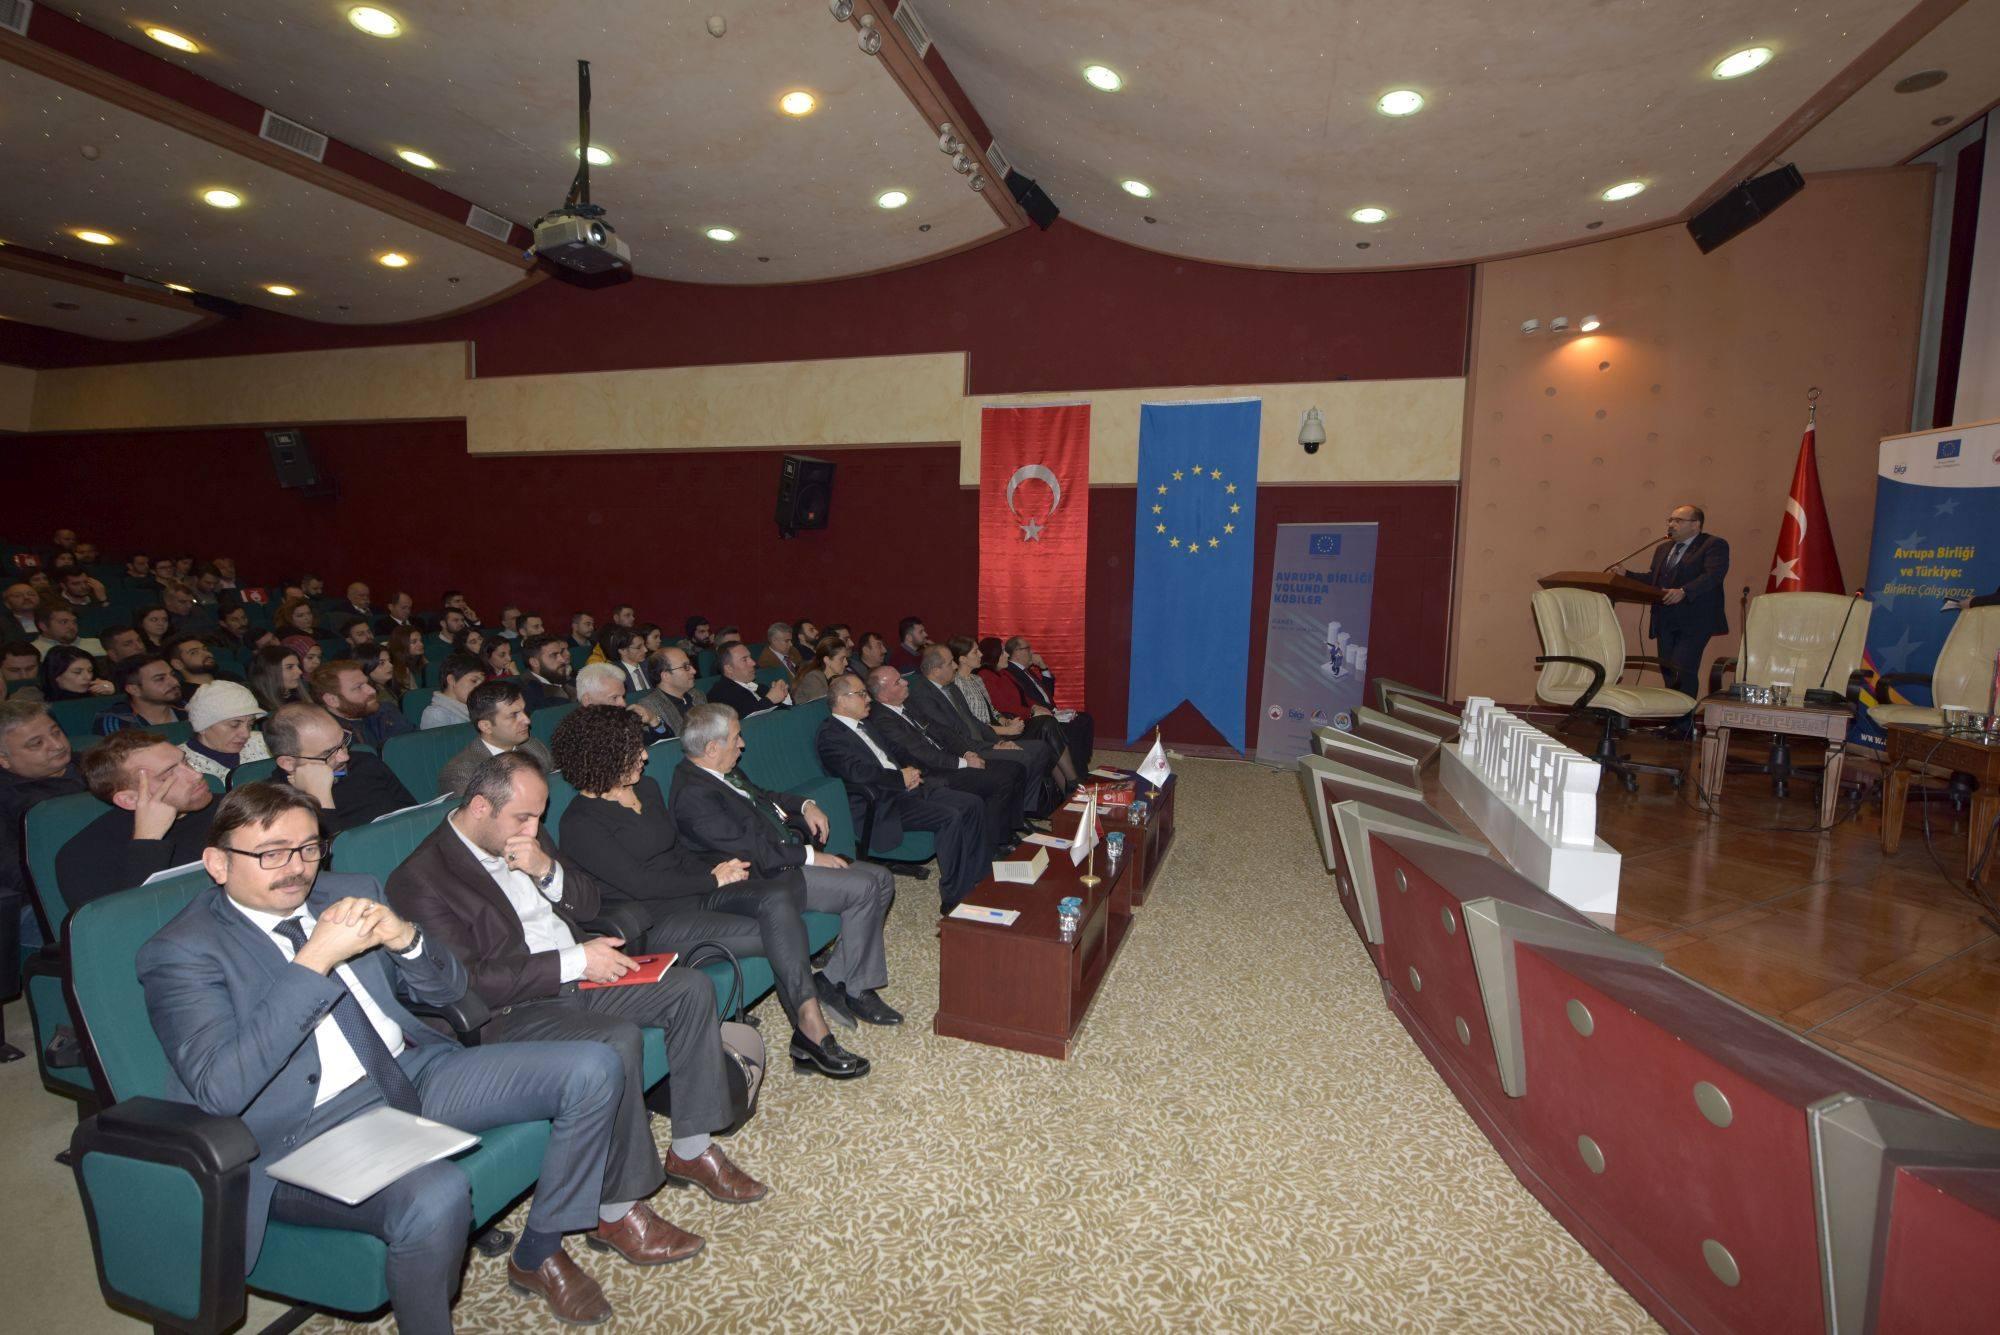 Trabzon'da KOBİ'lere sağlanan destekler anlatıldı